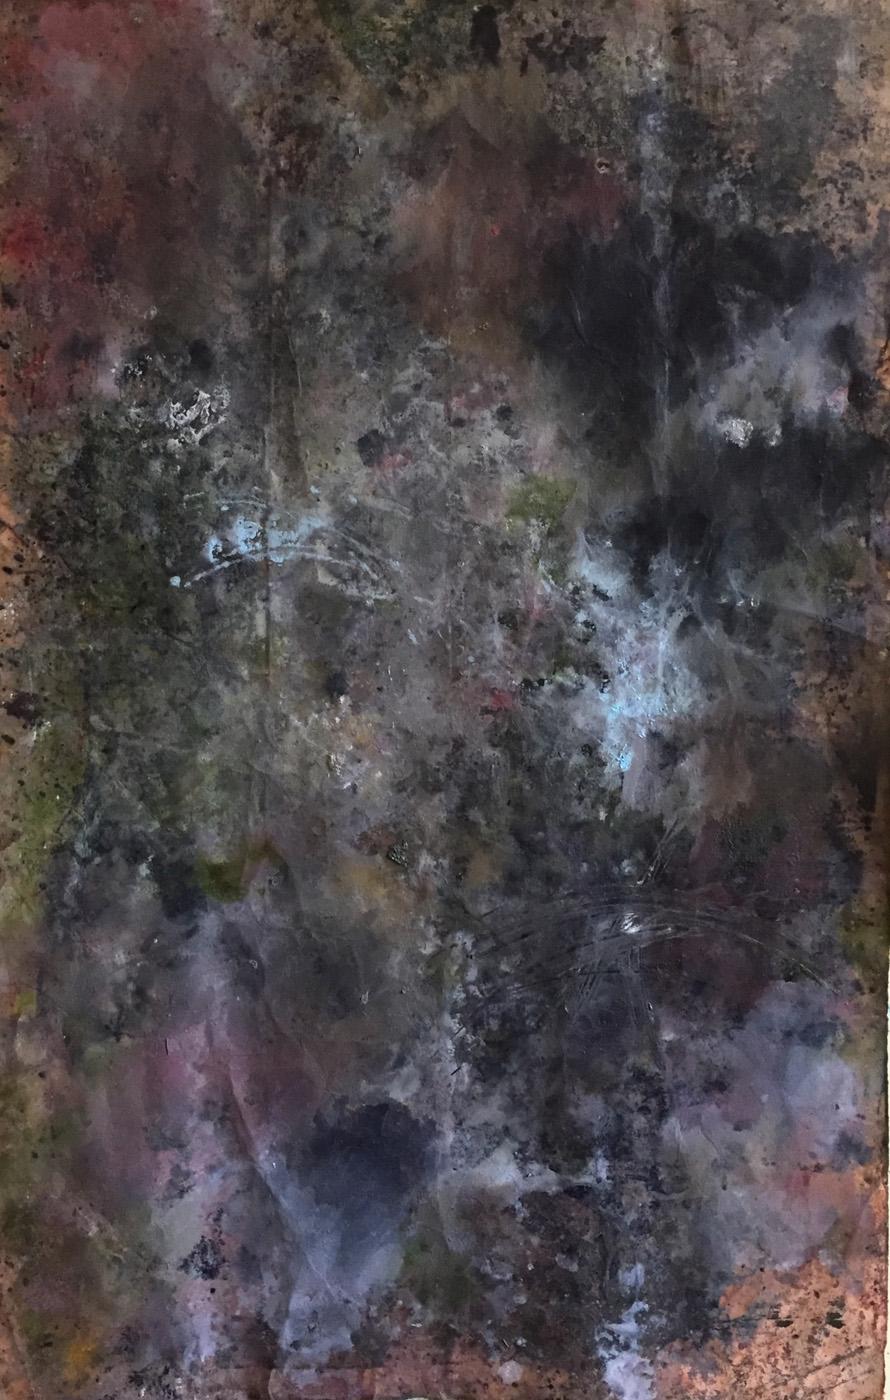 MARC FELD 2020 VULCAIN 2 Huile et acrylique sur papier 101 x 65 cm